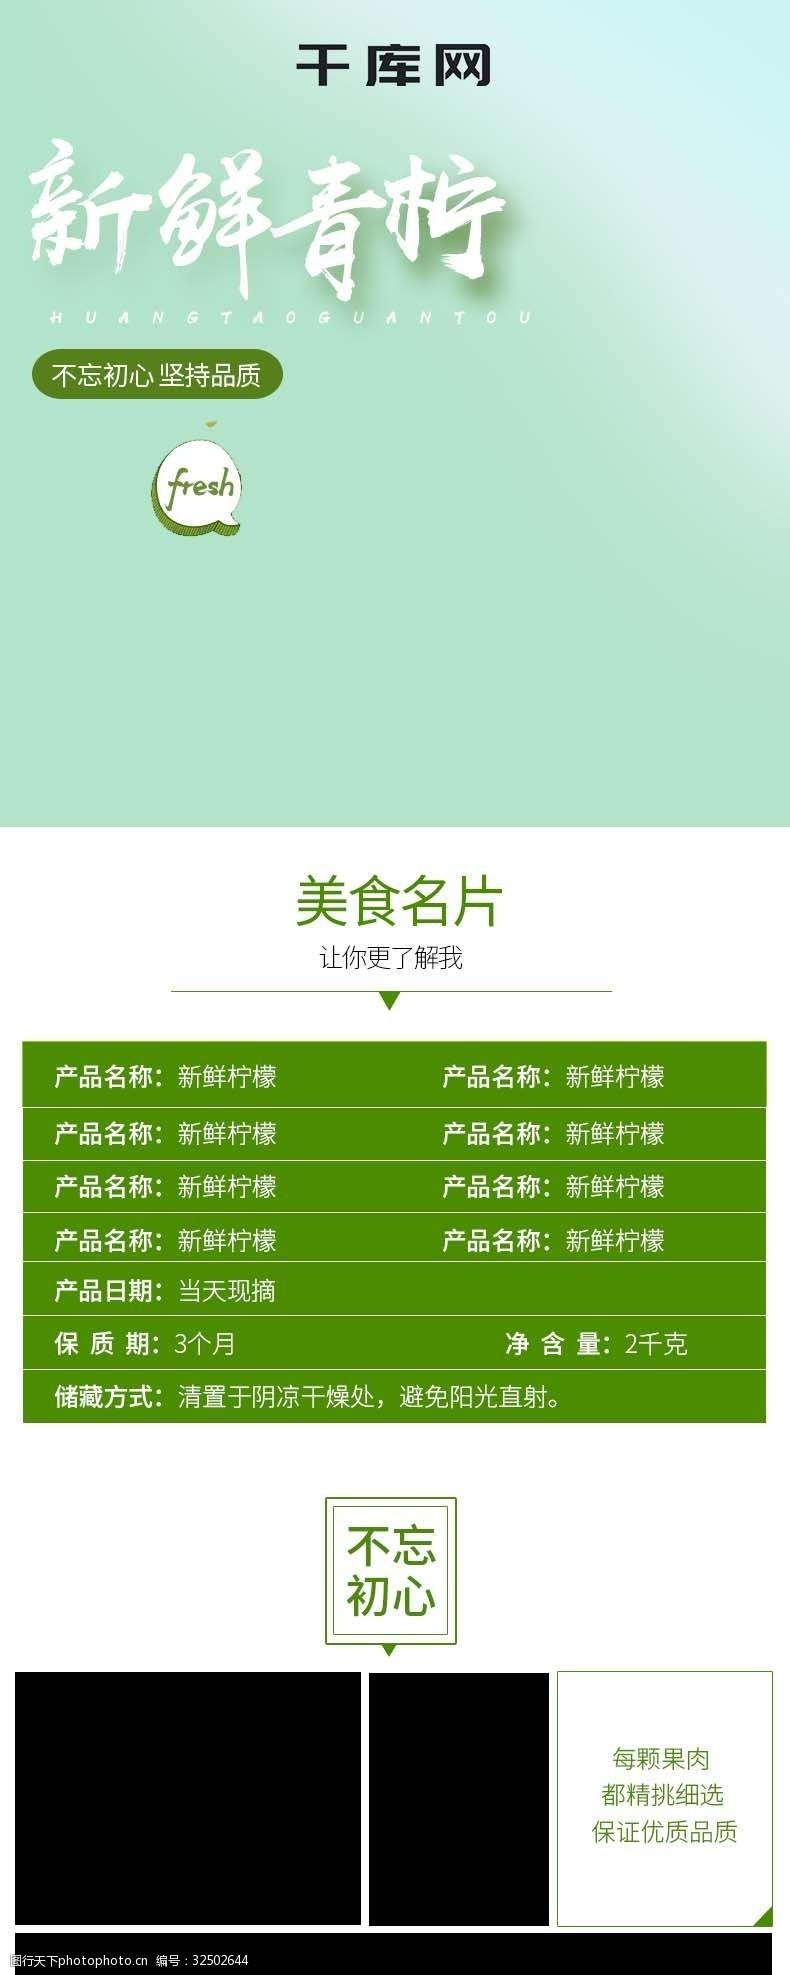 淘宝天猫果蔬生鲜青柠檬详情页模版